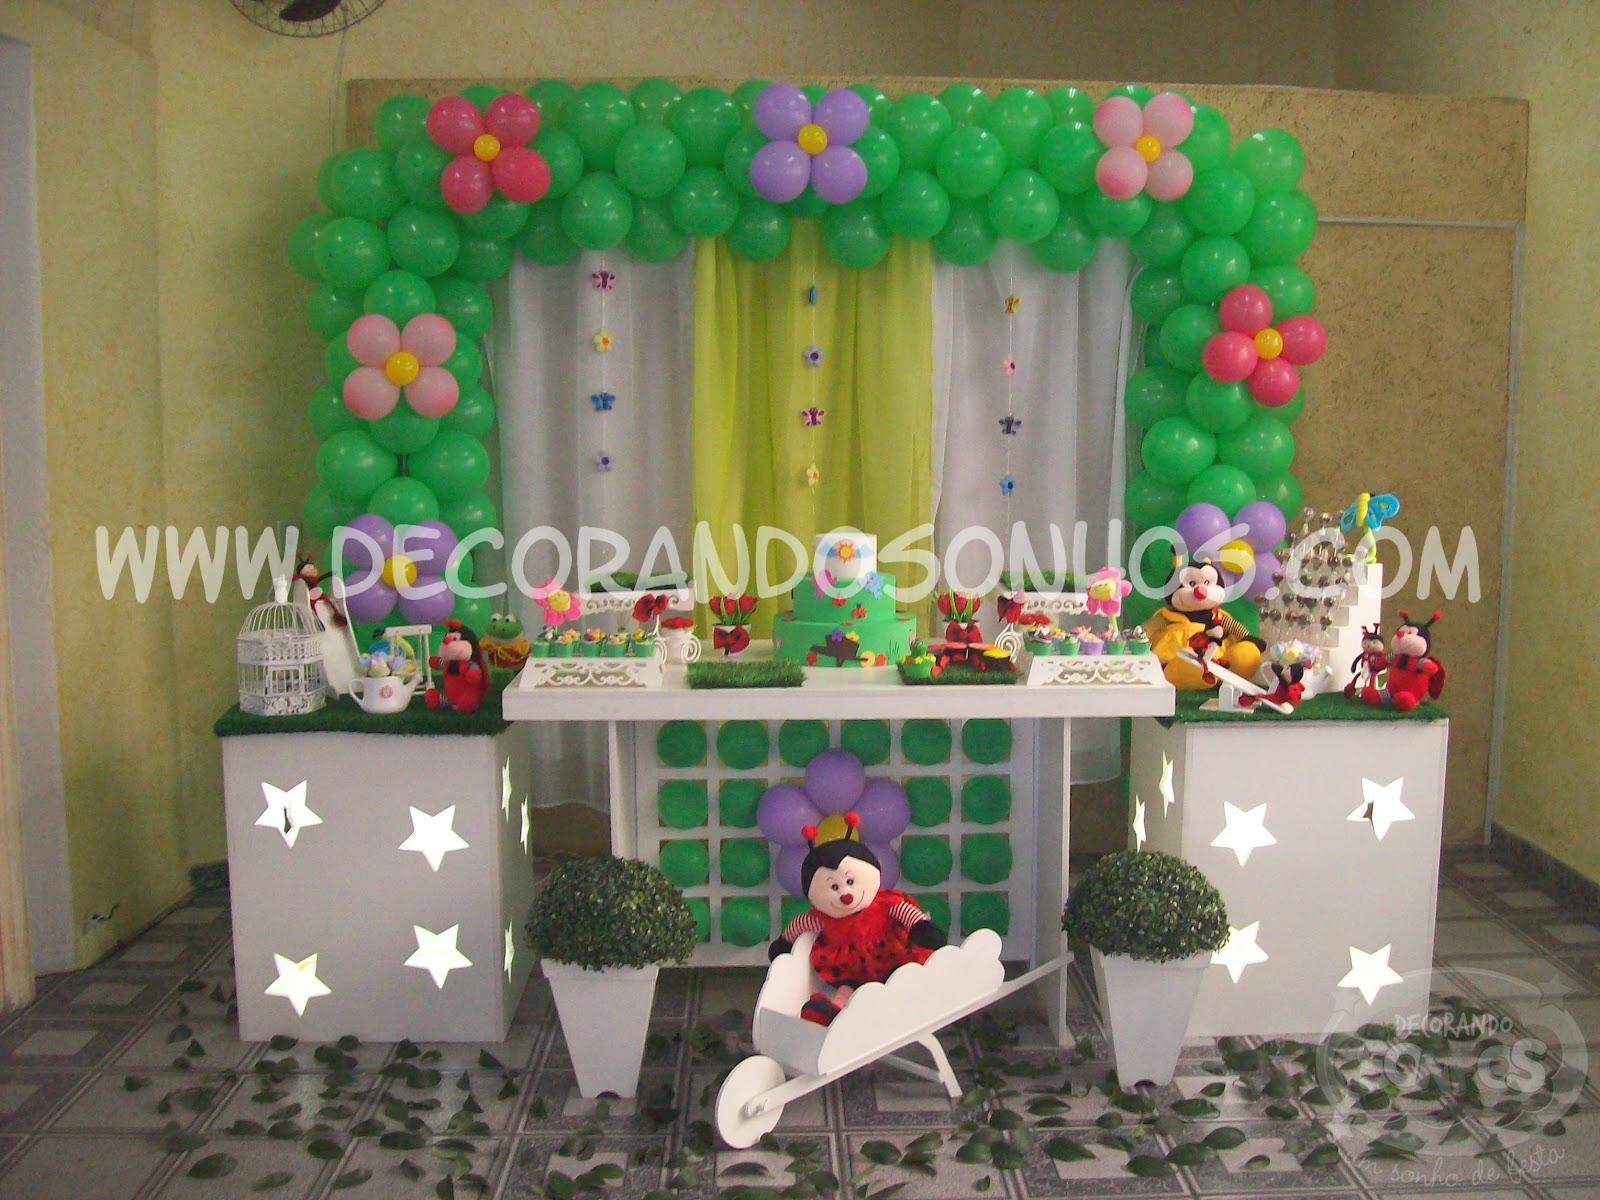 decoracao de balões jardim encantado – Doitricom